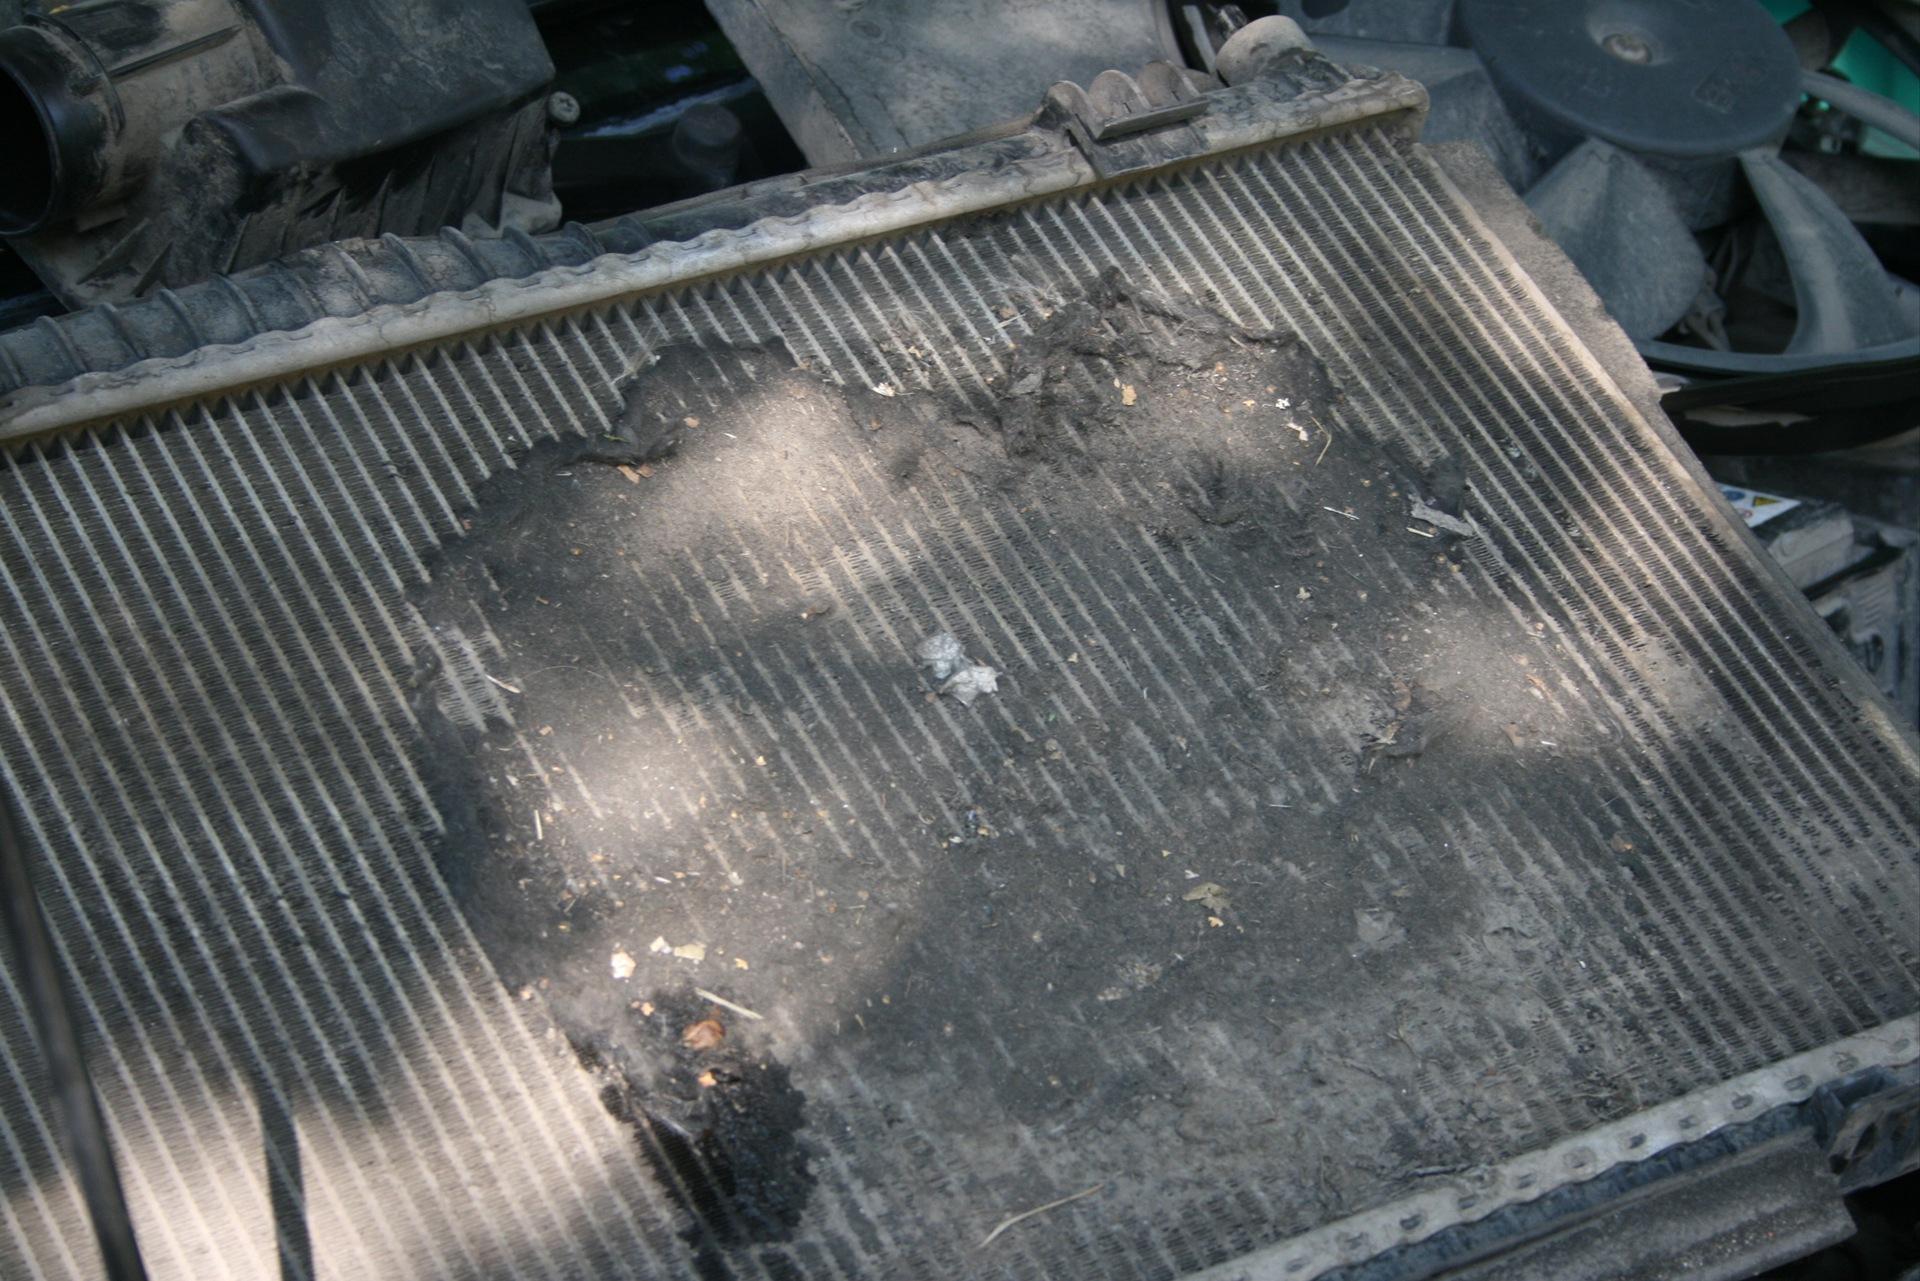 Фото загрязненного радиатора автомобиля